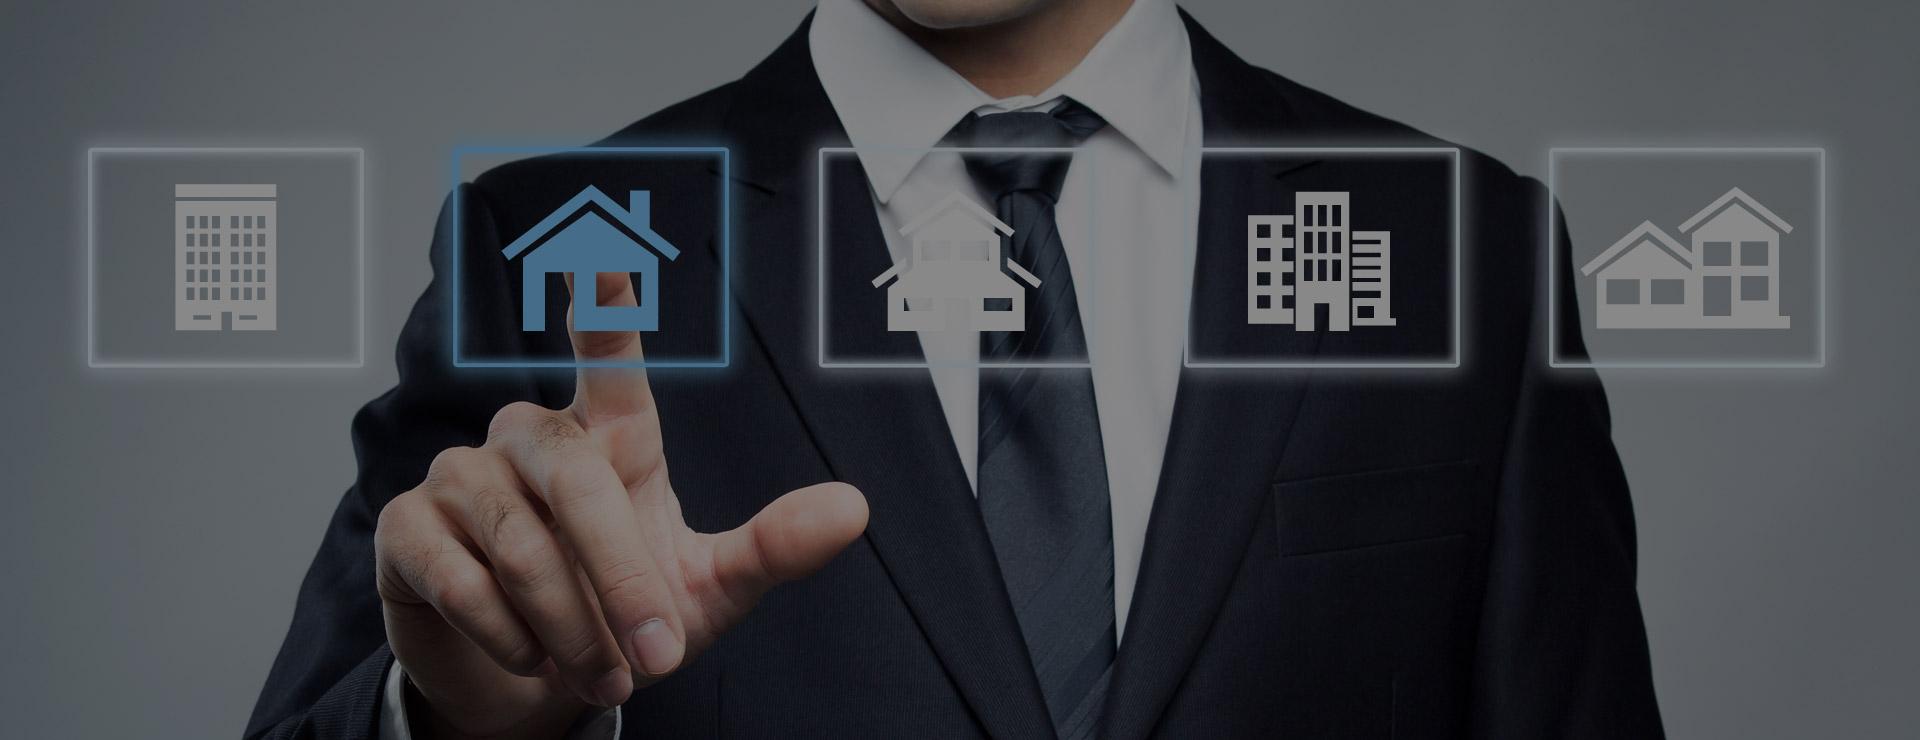 servizi-abitare-gestione-immobili-condomini-latina-frosinone-roma